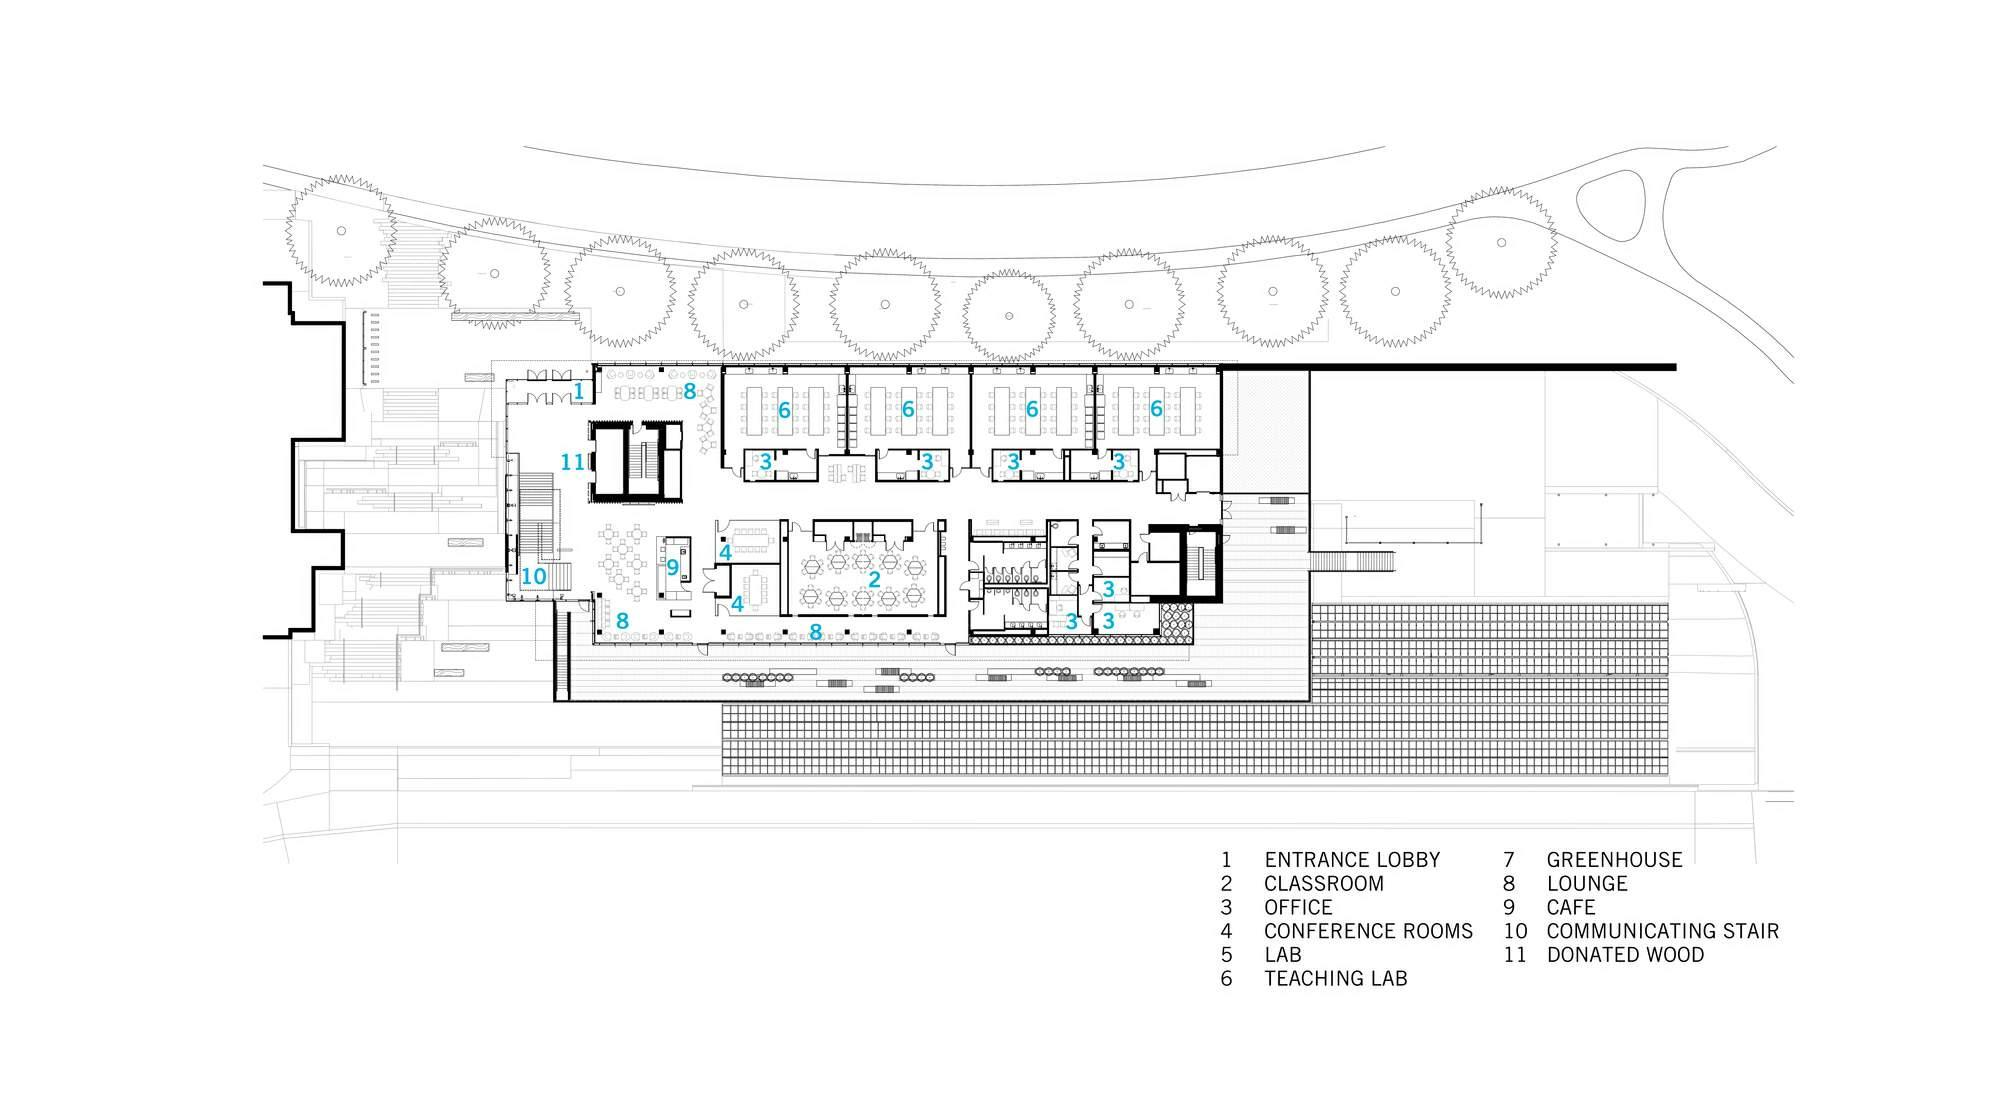 华盛顿大学西雅图_美国·华盛顿大学生命科学楼---Perkins+Will-搜建筑网